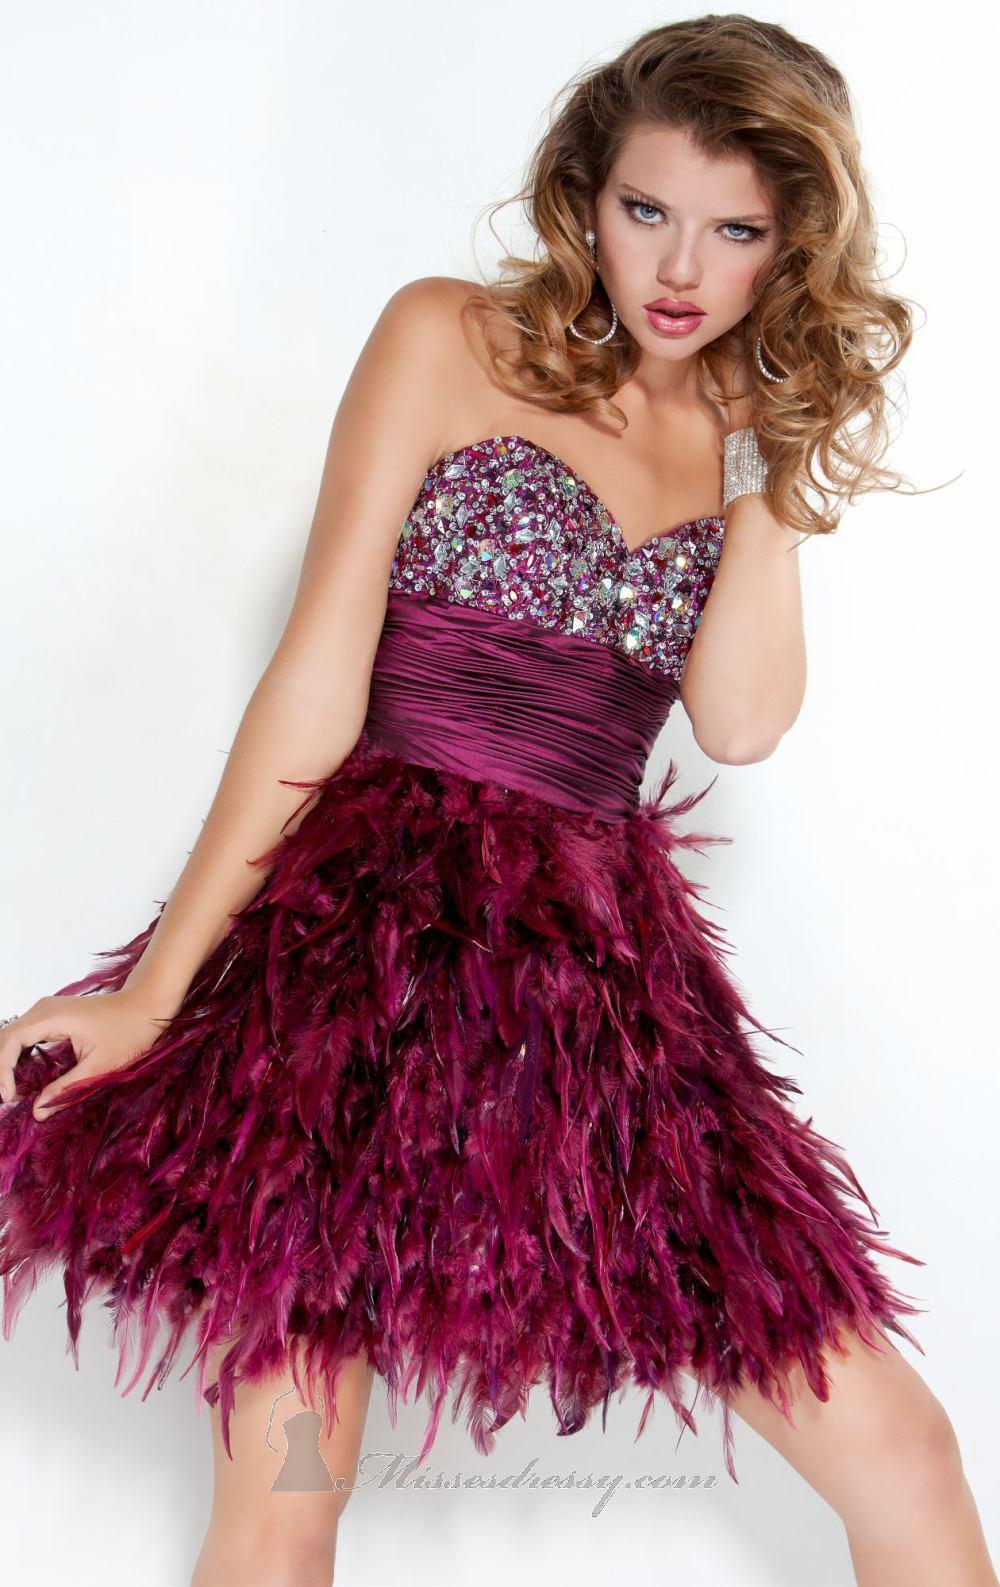 su lado salvaje algunos de los vestidos de fiesta para el 2012 ofrecen